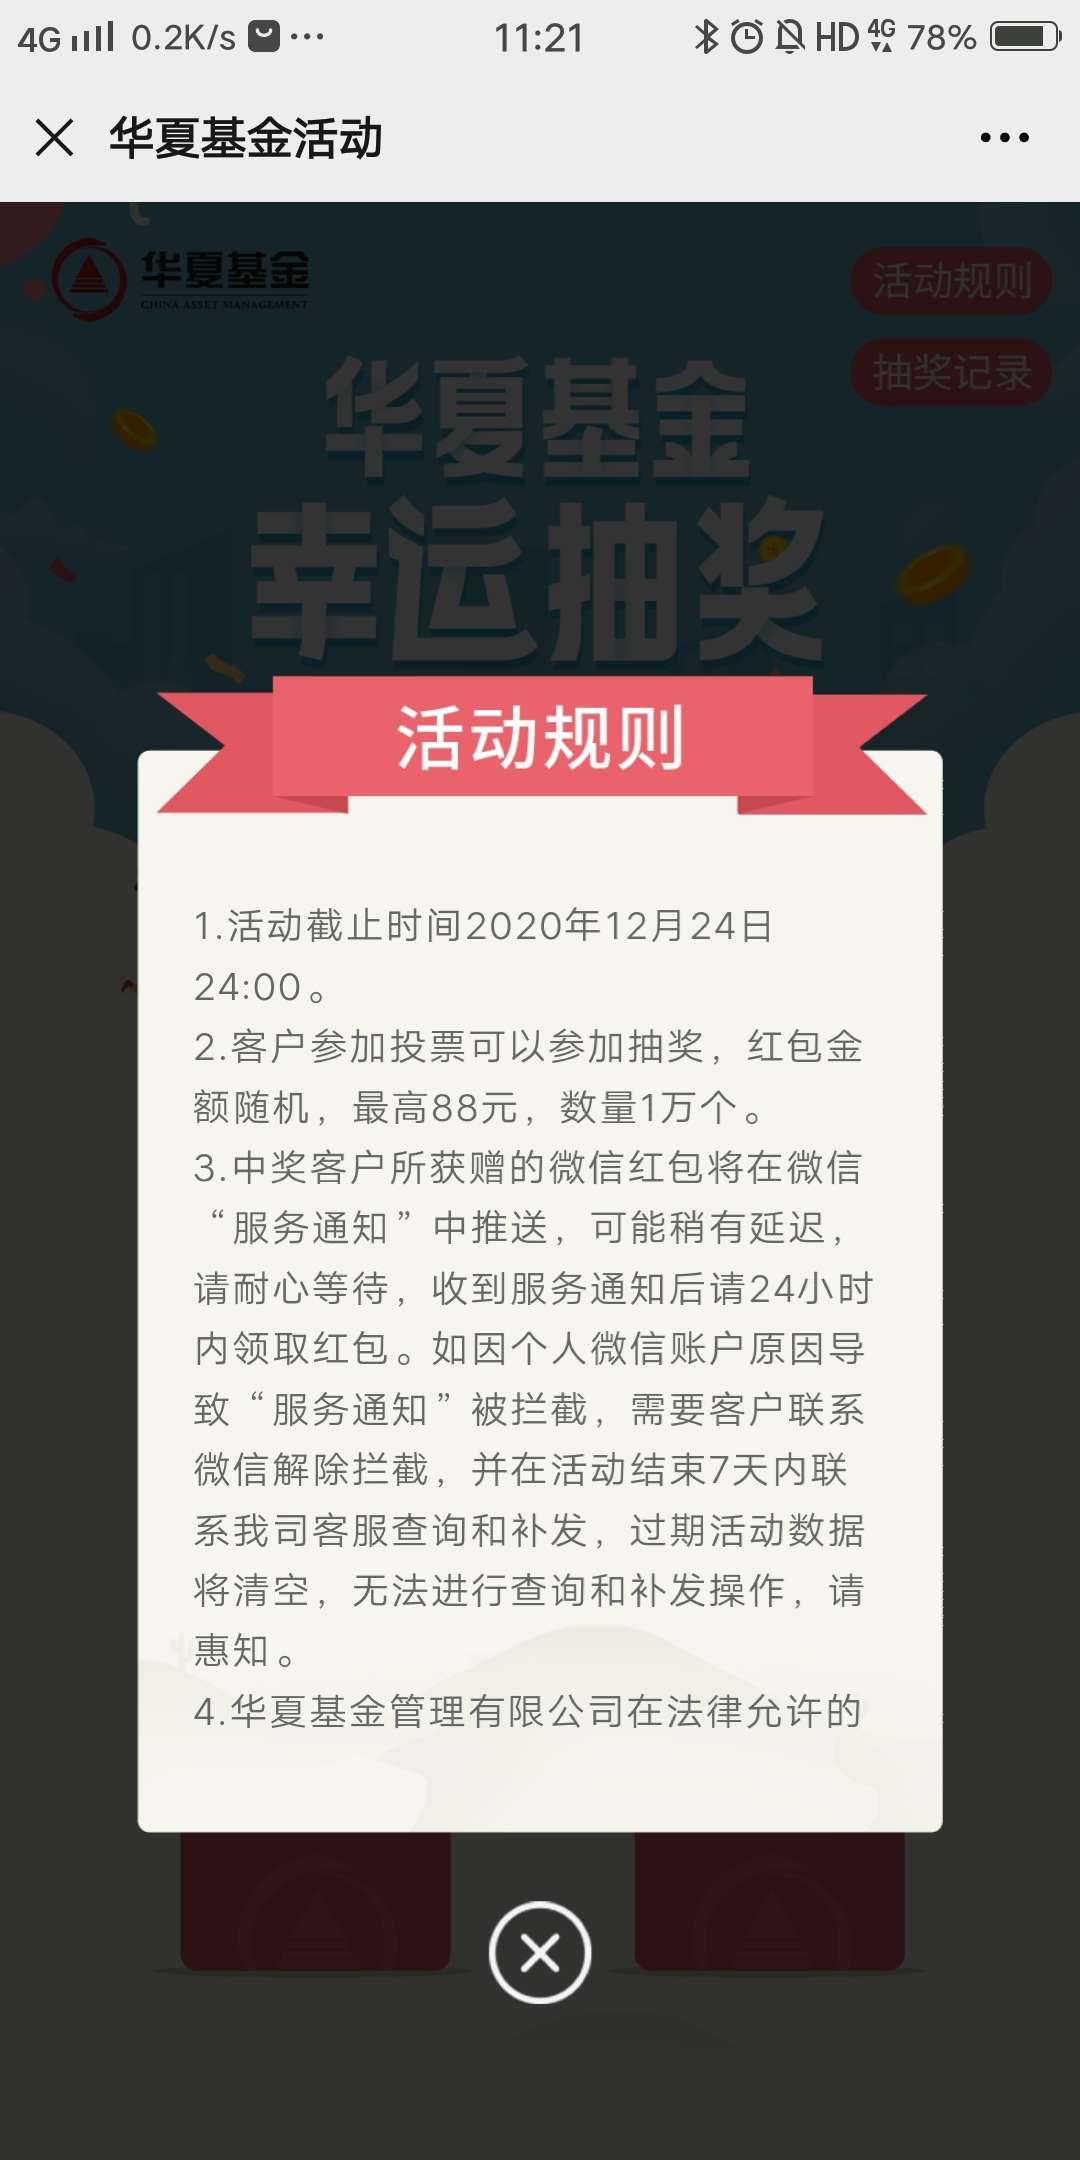 华夏基金抽红包活动插图1